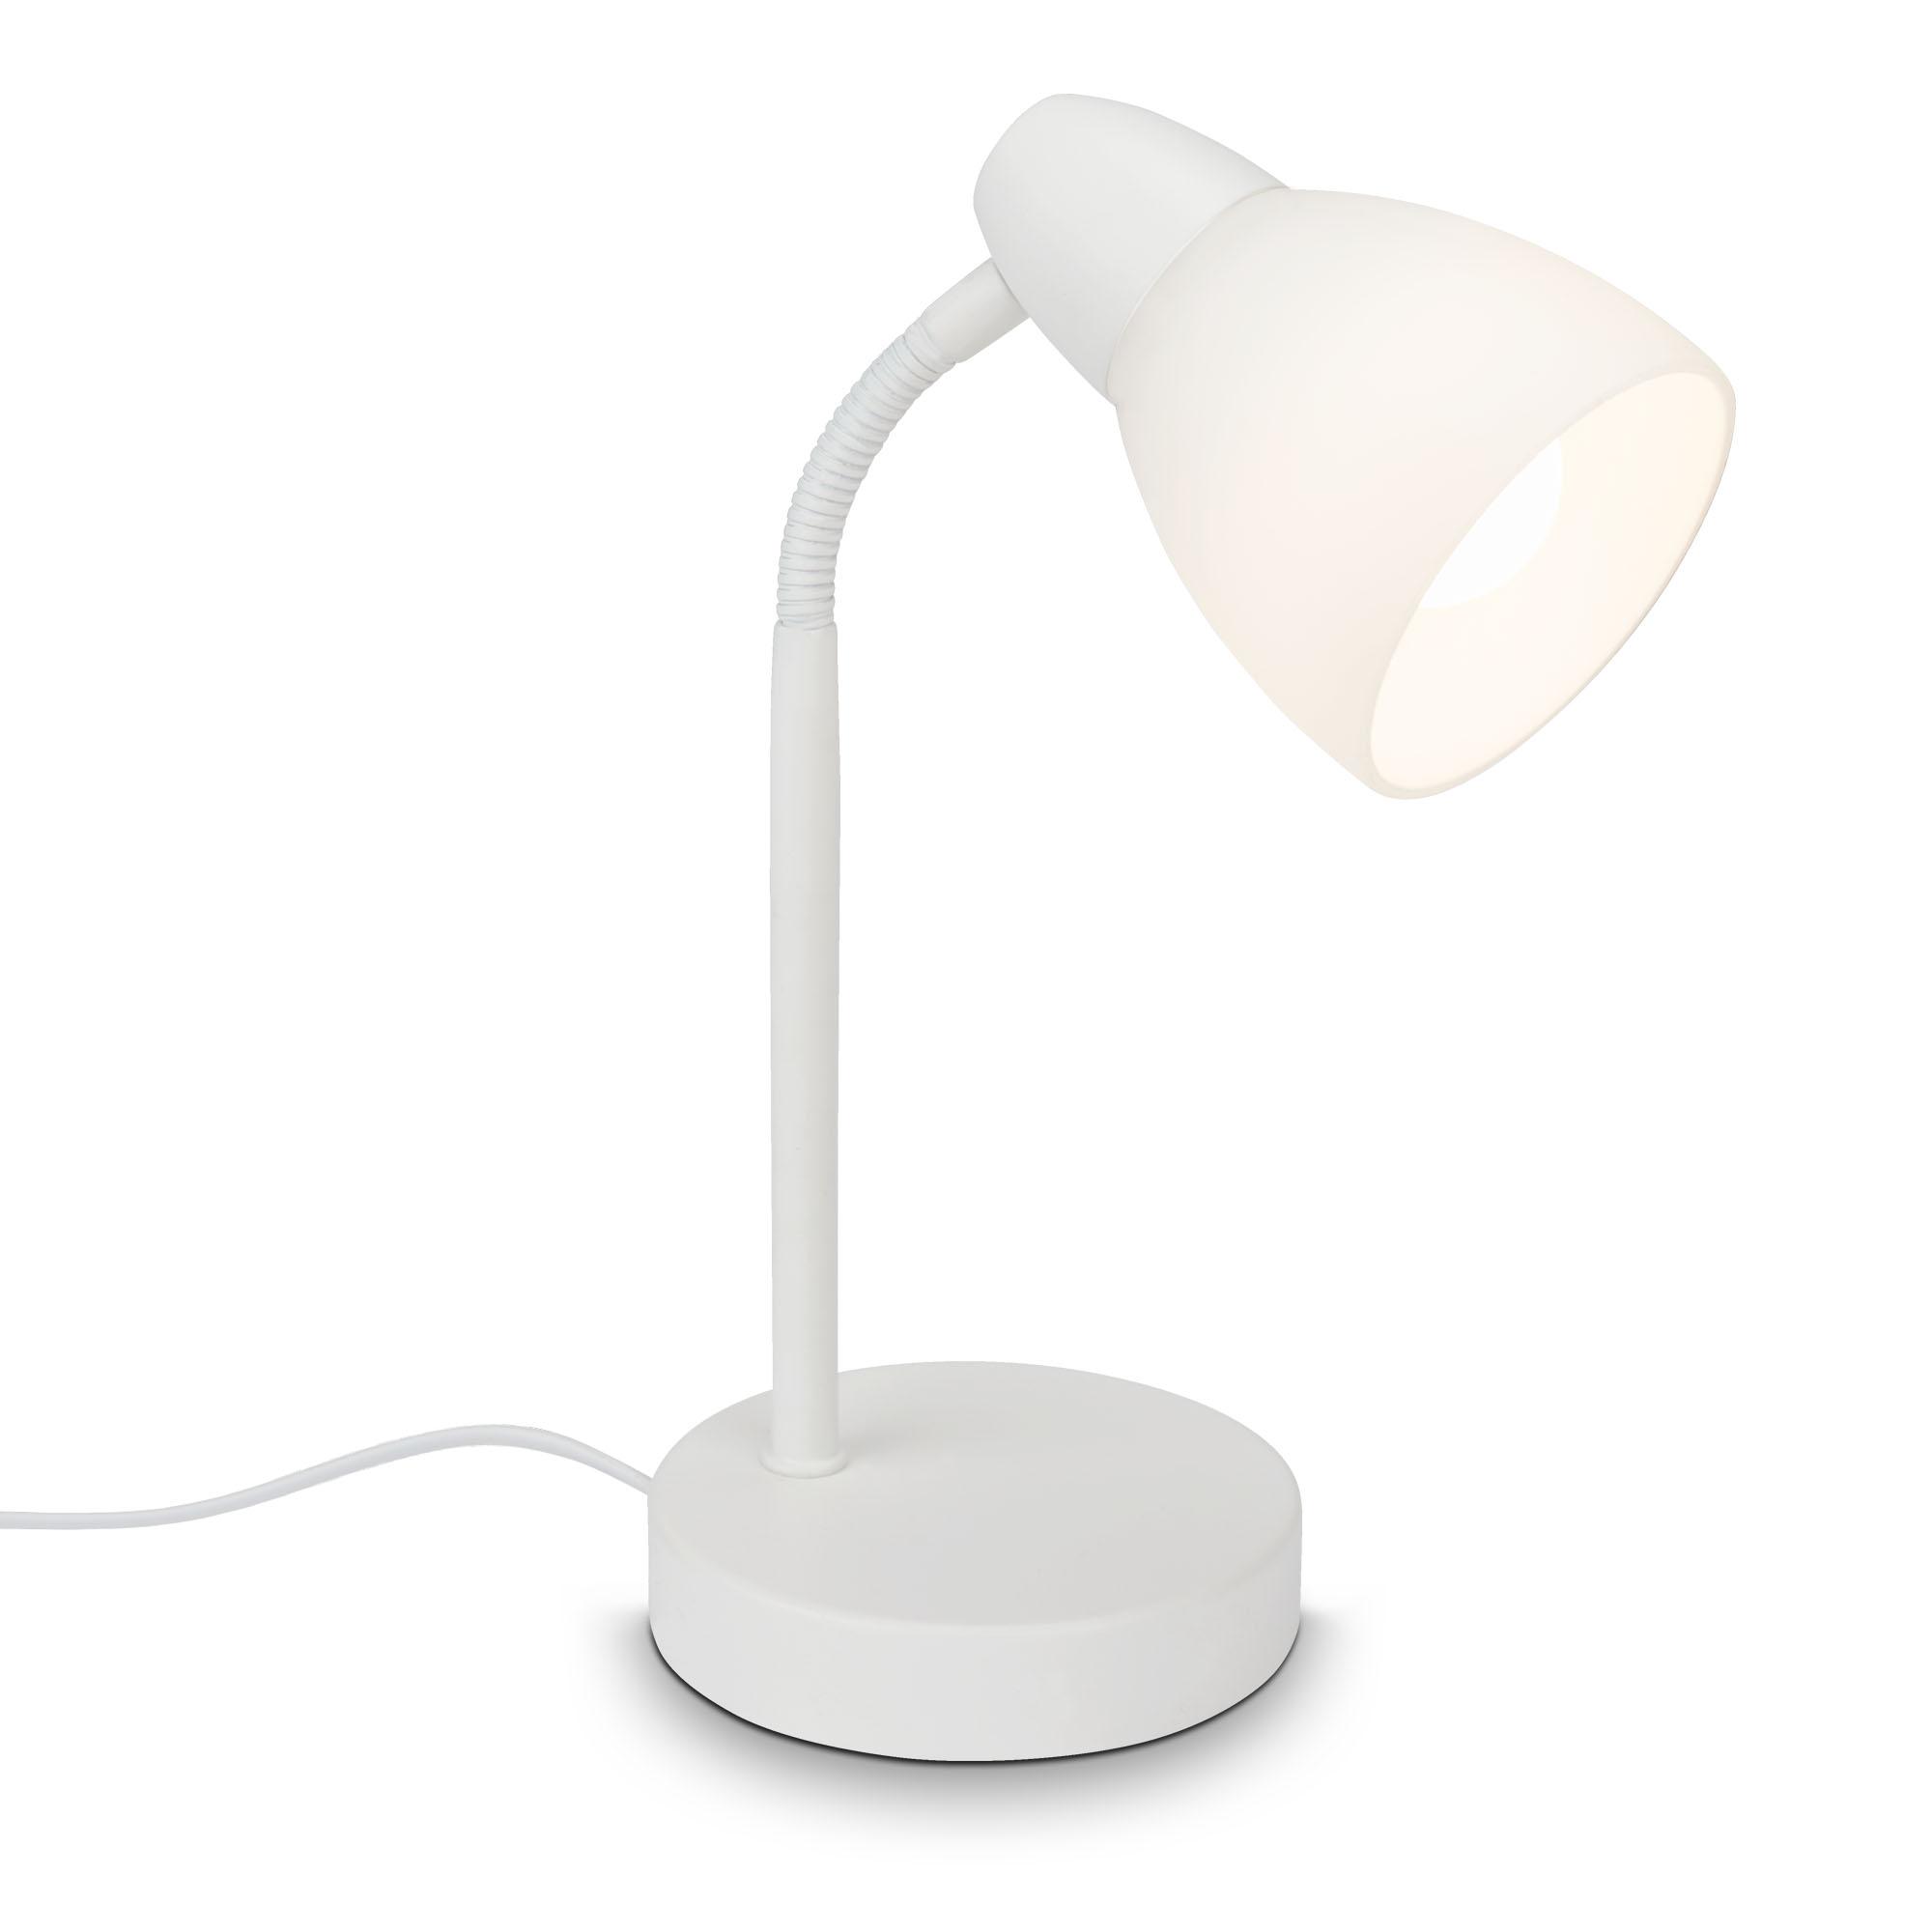 Tischleuchte, 30 cm, max. 25 W, Weiß